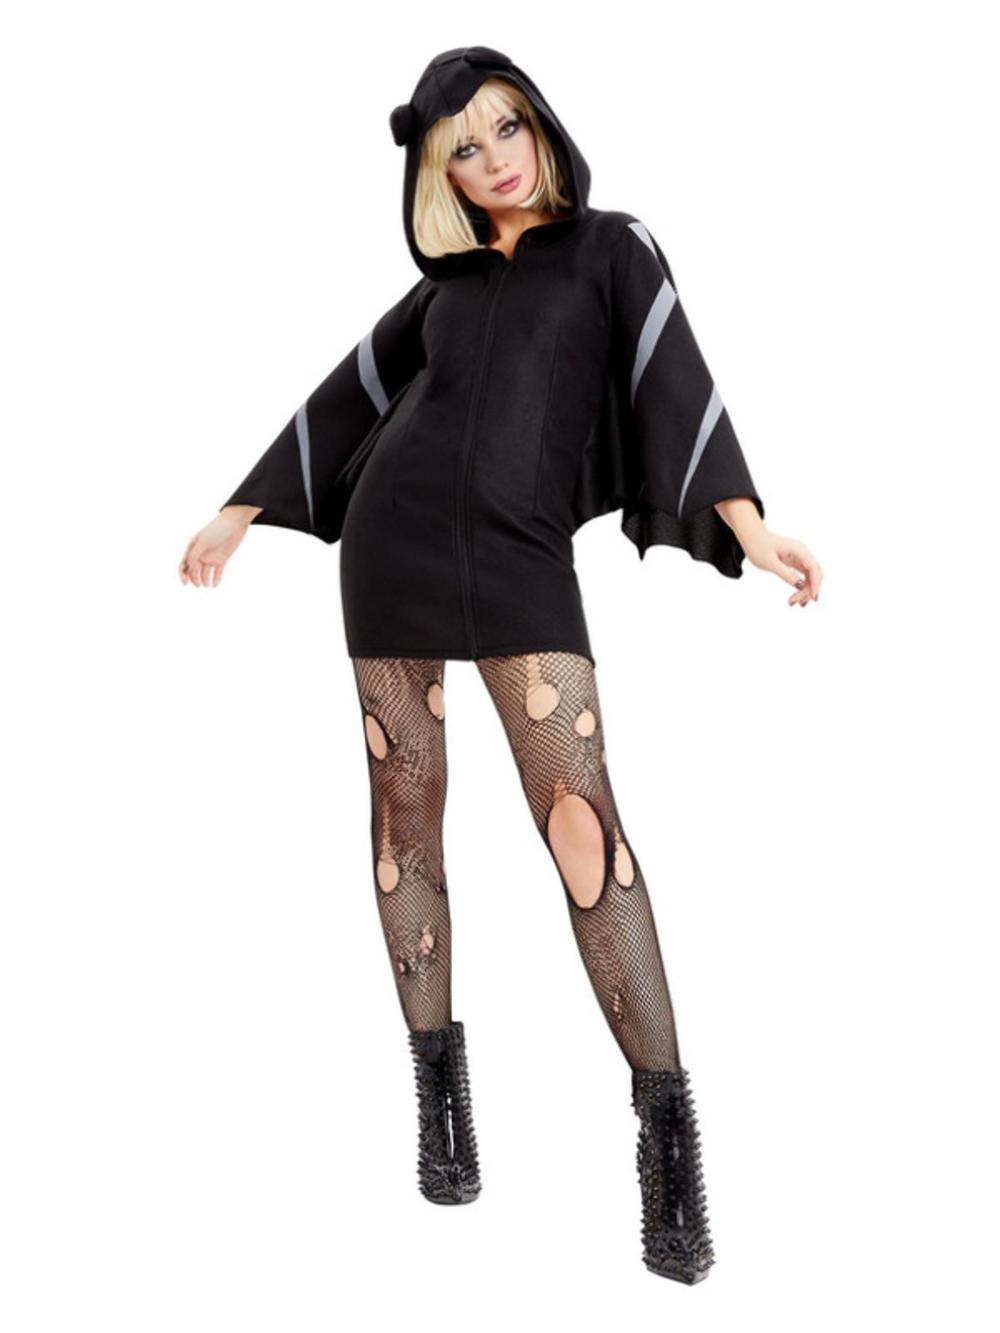 Ladies Bat Costume